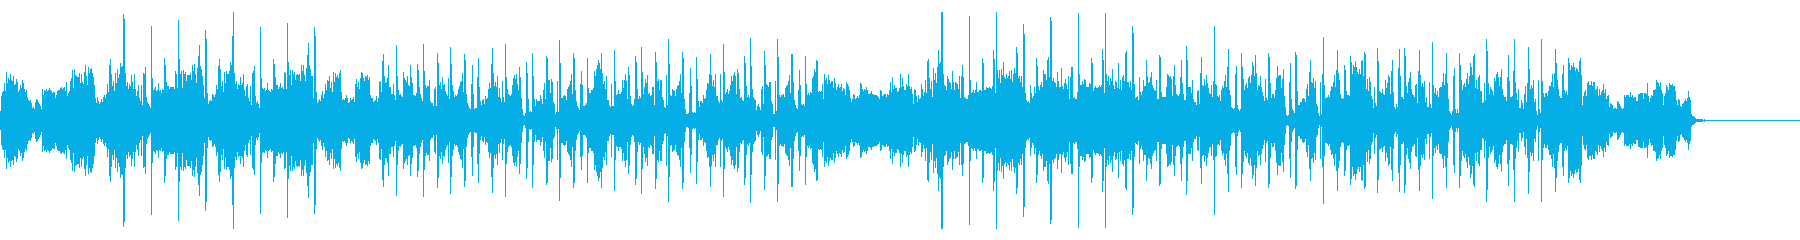 キラキラサウンドのヒップホップの再生済みの波形